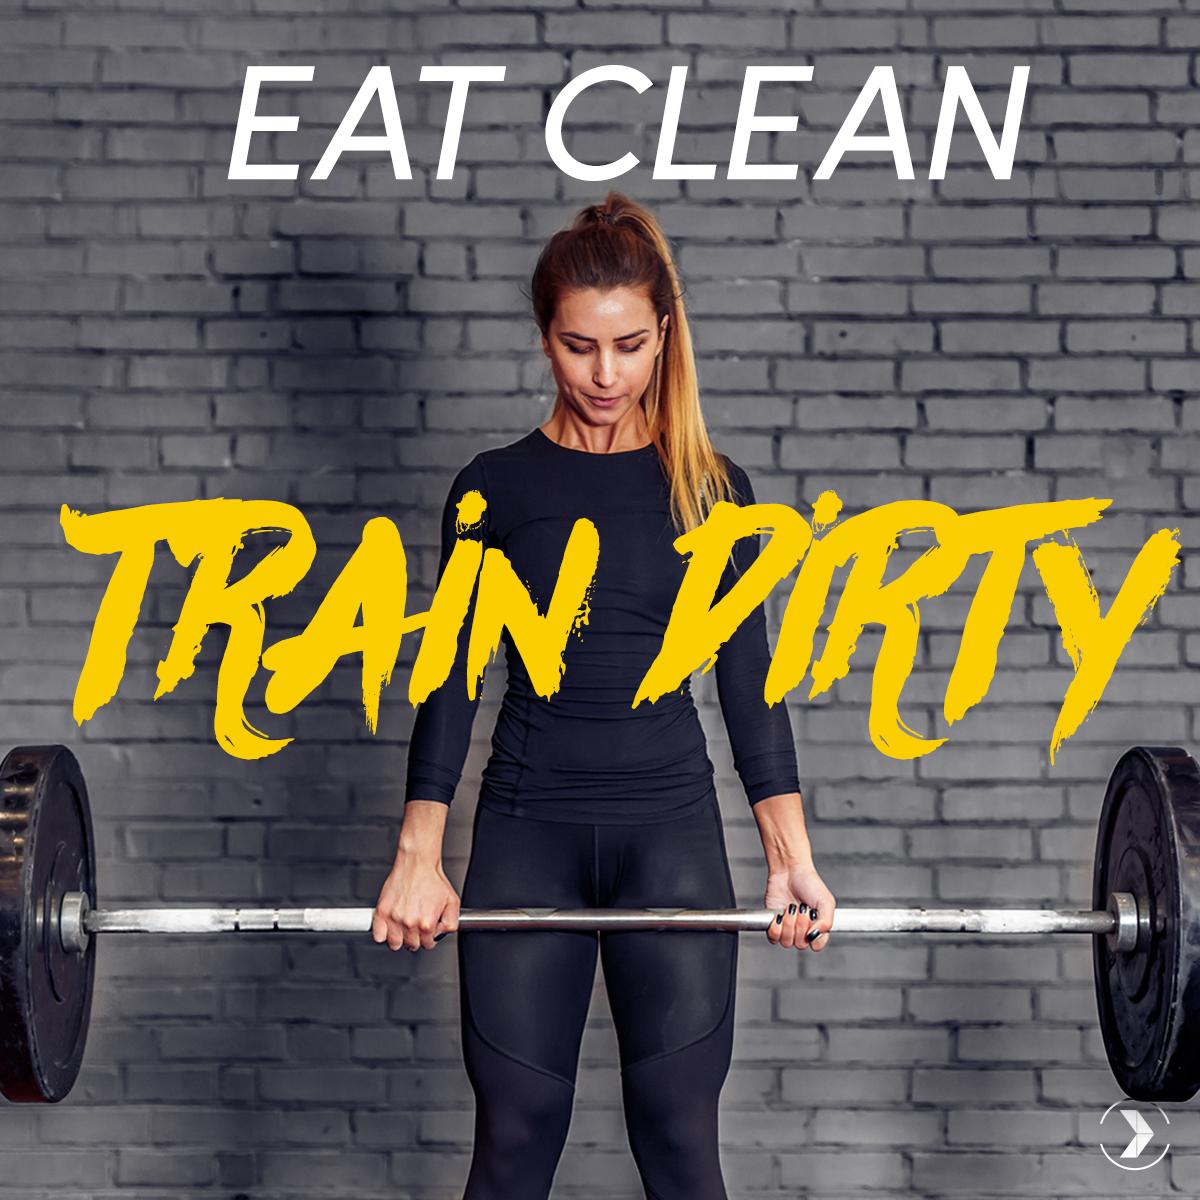 EAT_CLEAN_TRAIN_DIRTY.jpg